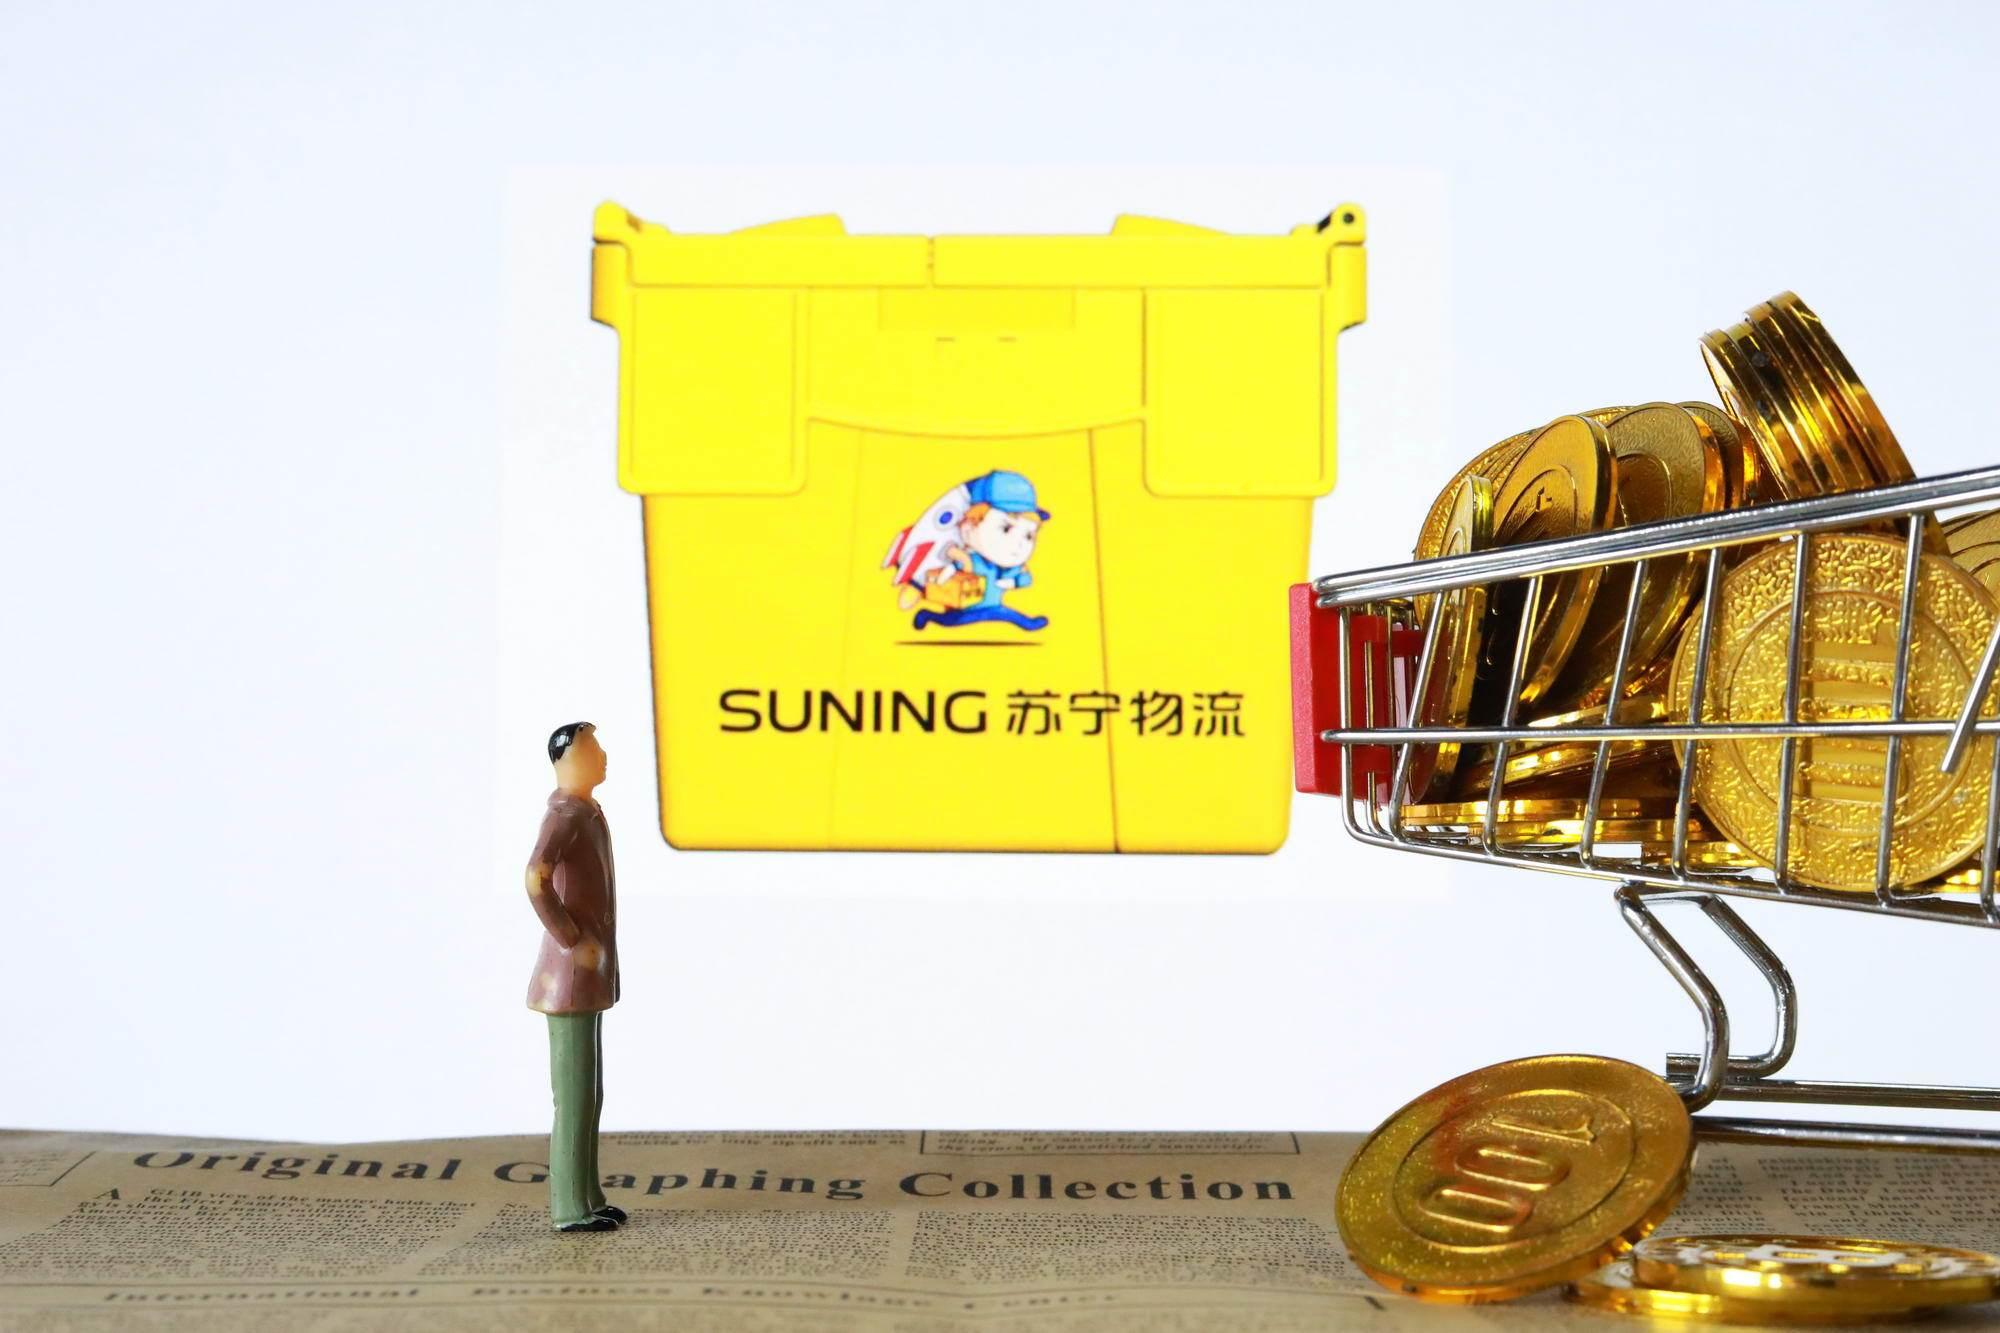 苏宁易购物流正式投入使用华东最大家装仓